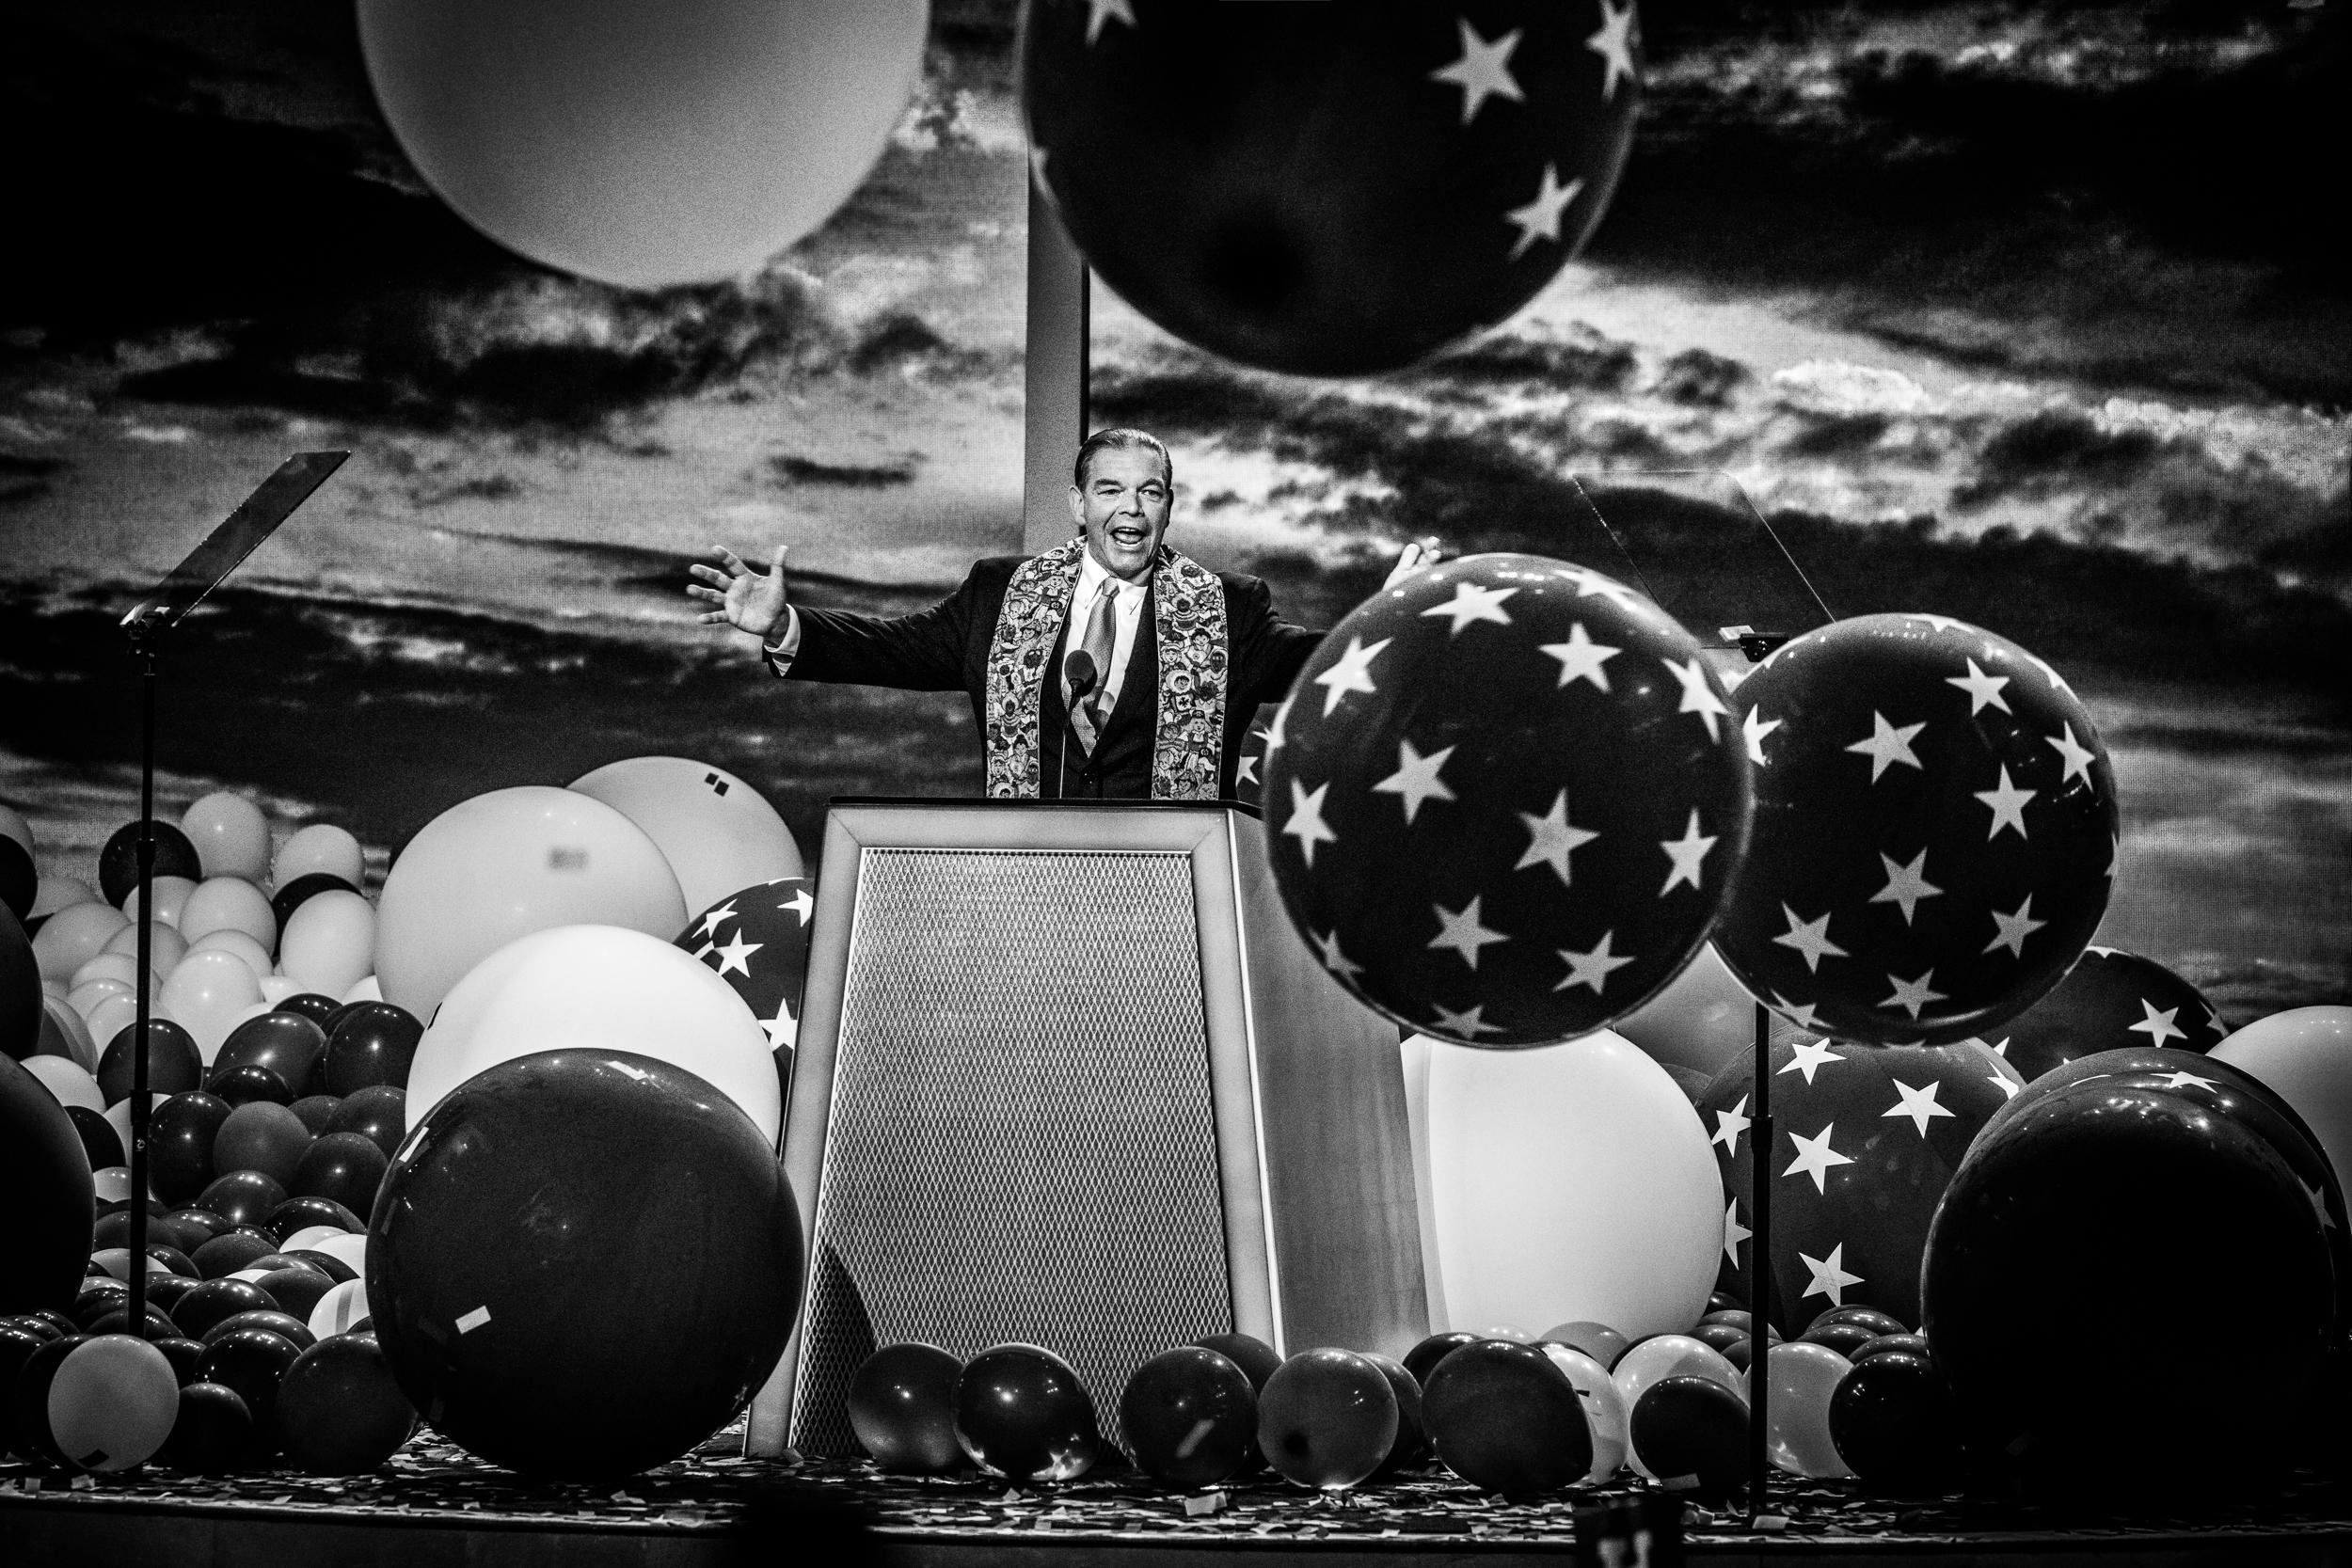 Reverand  and Balloons-1.jpg